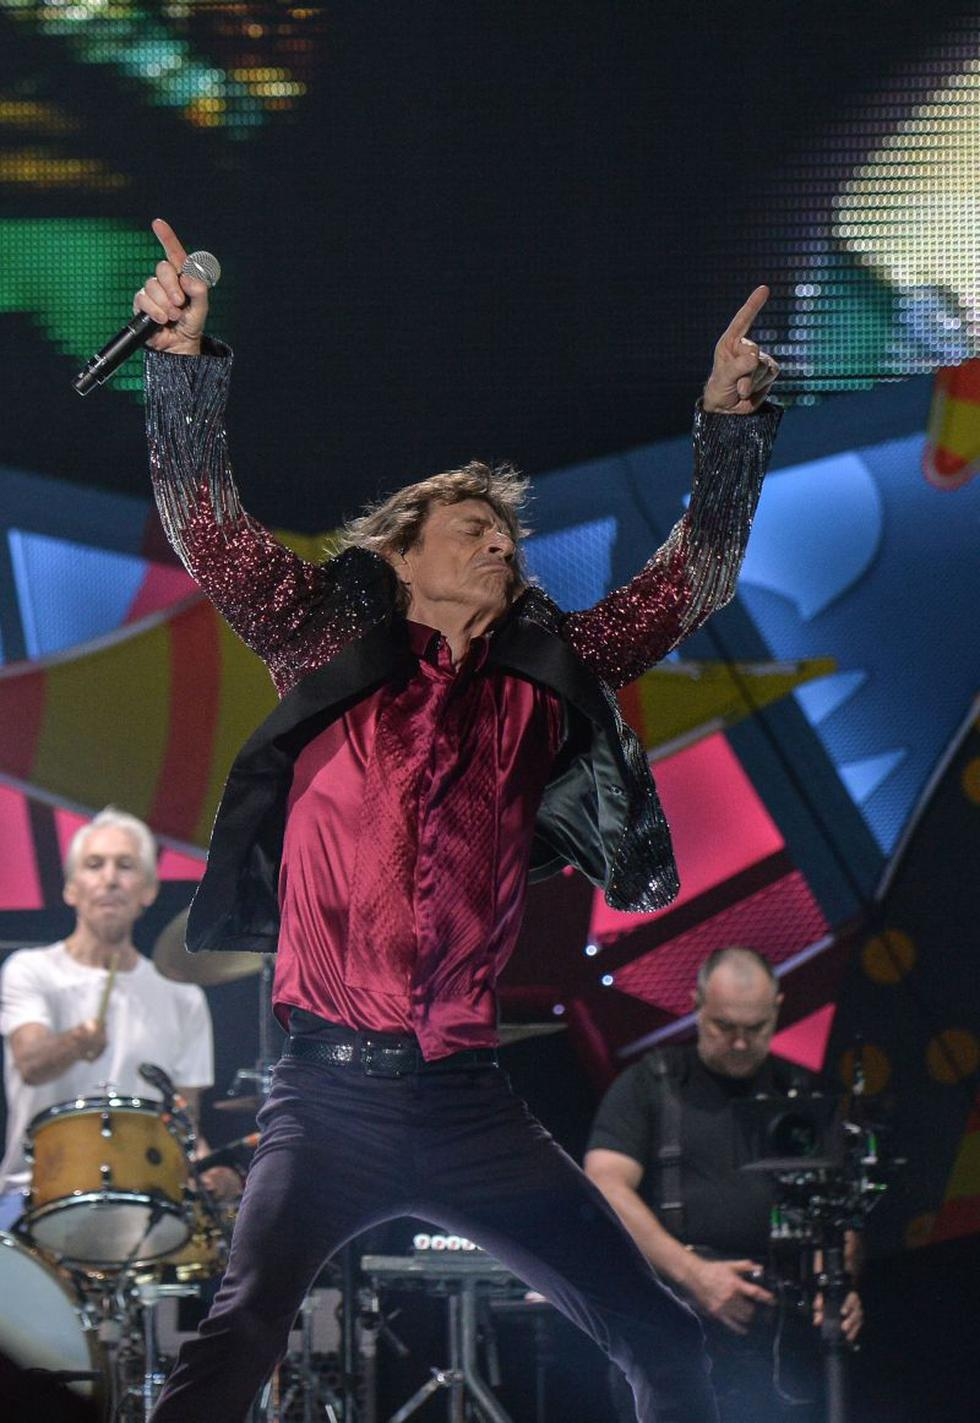 El legendario concierto de los Rolling Stones en Cuba [FOTOS] - 6